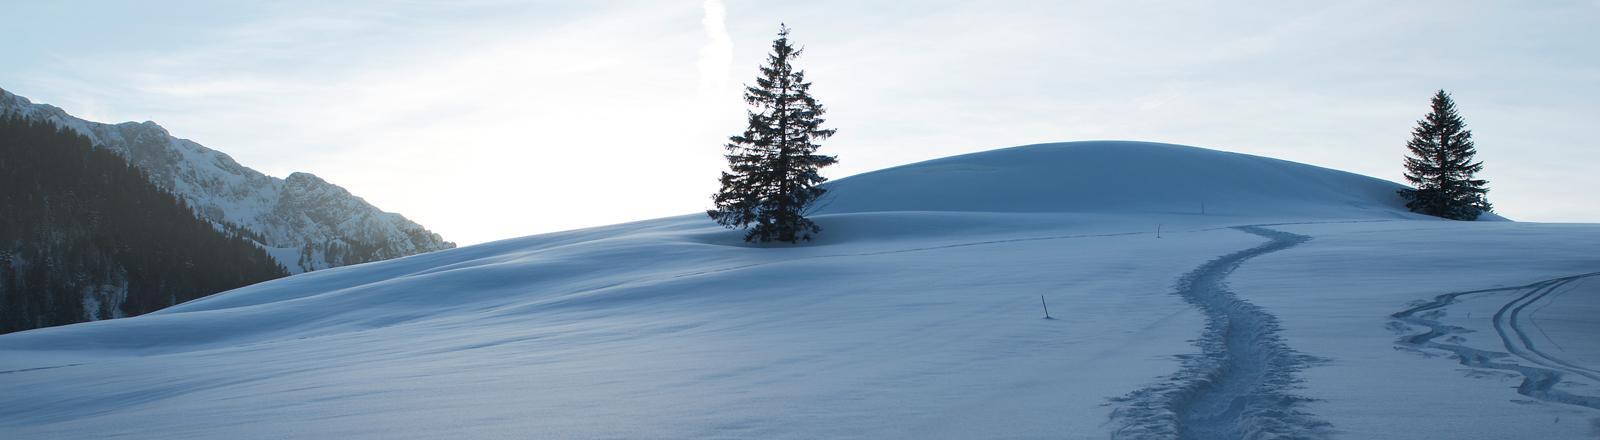 Verschneite Winterlandschaft in den Bergen.